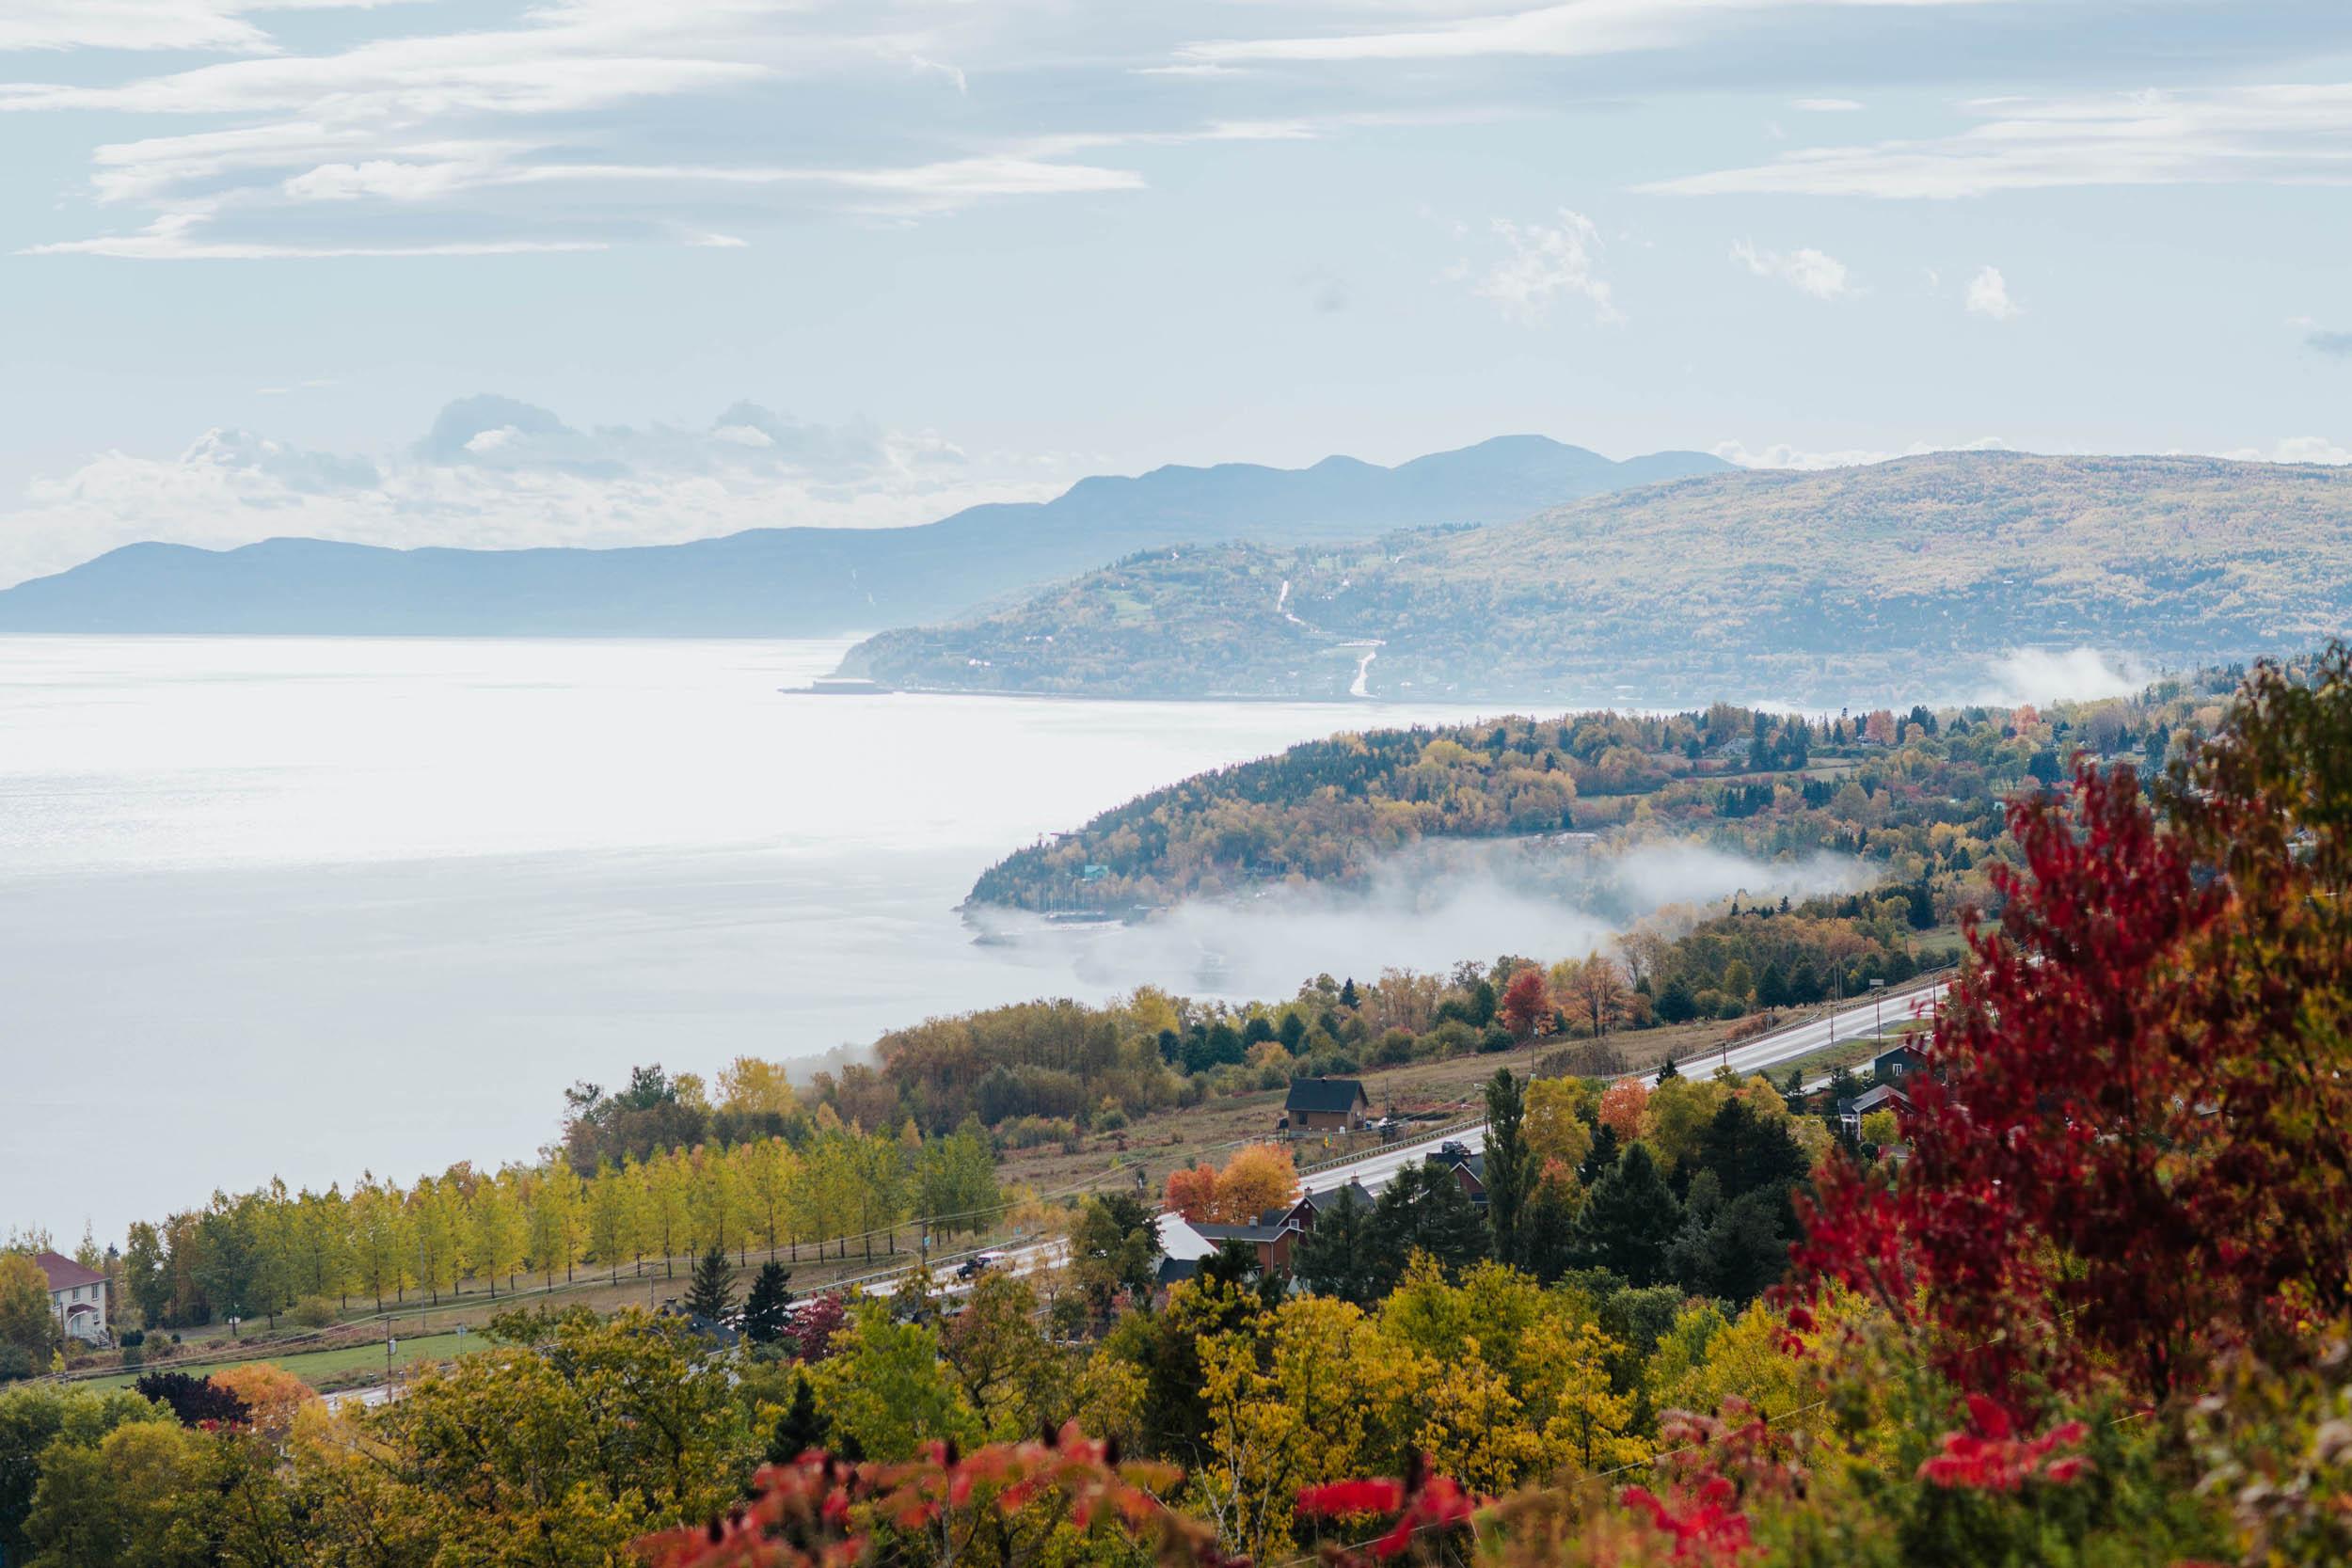 Vue panoramique retraite bien-être dans Charlevoix